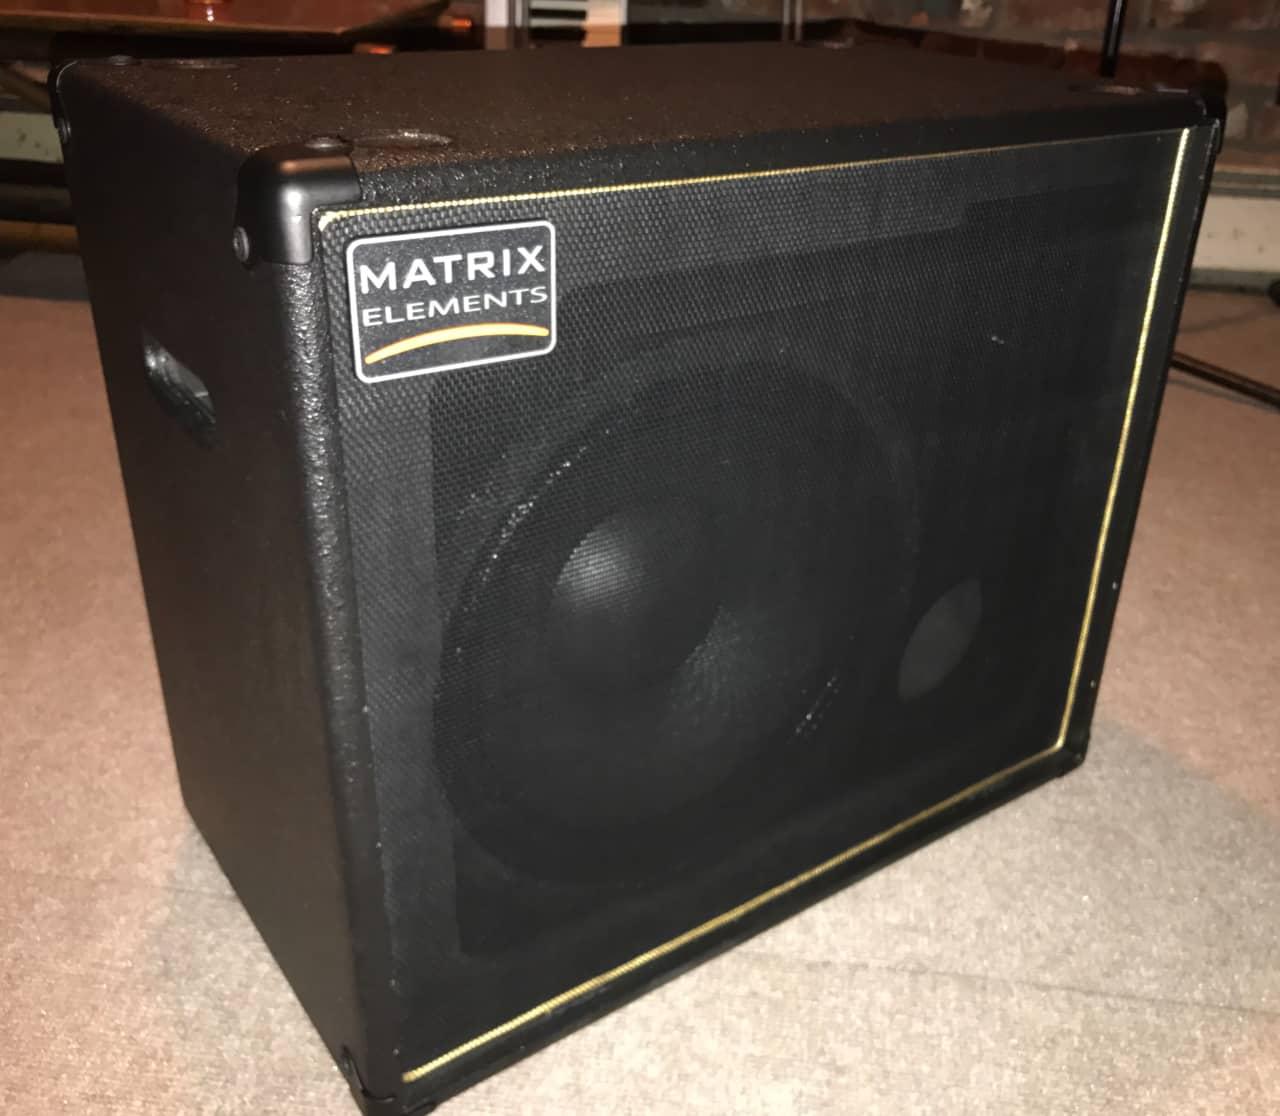 guitar shagreen engineering frfr speaker wgs closed mission stereo jackson ampeg vintage ss cabinet back amp ampworks